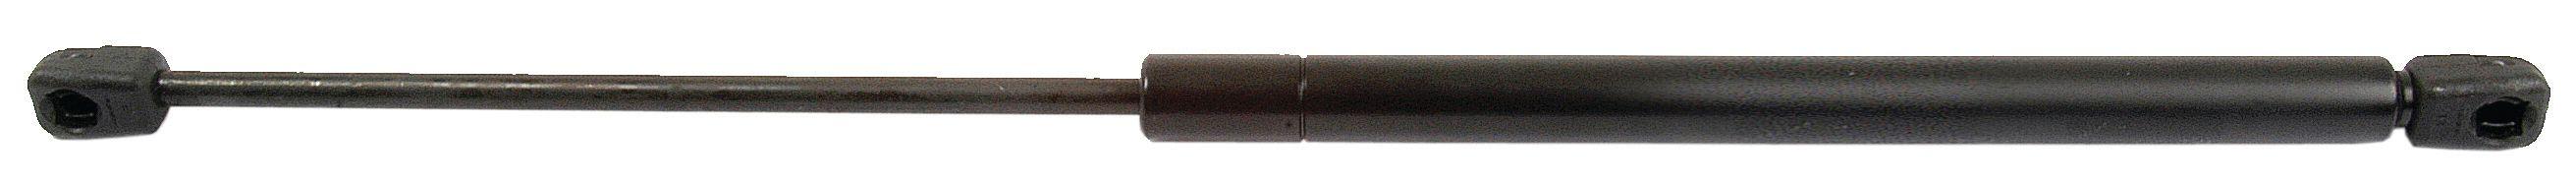 DEUTZ-FAHR GAS STRUT 52884